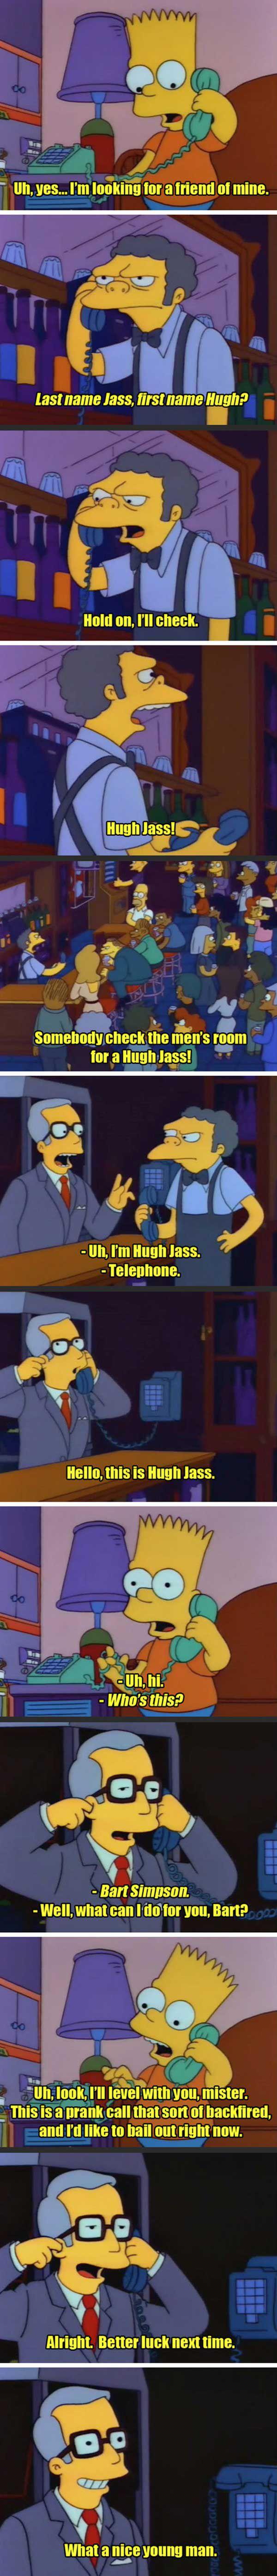 Hugh Jass